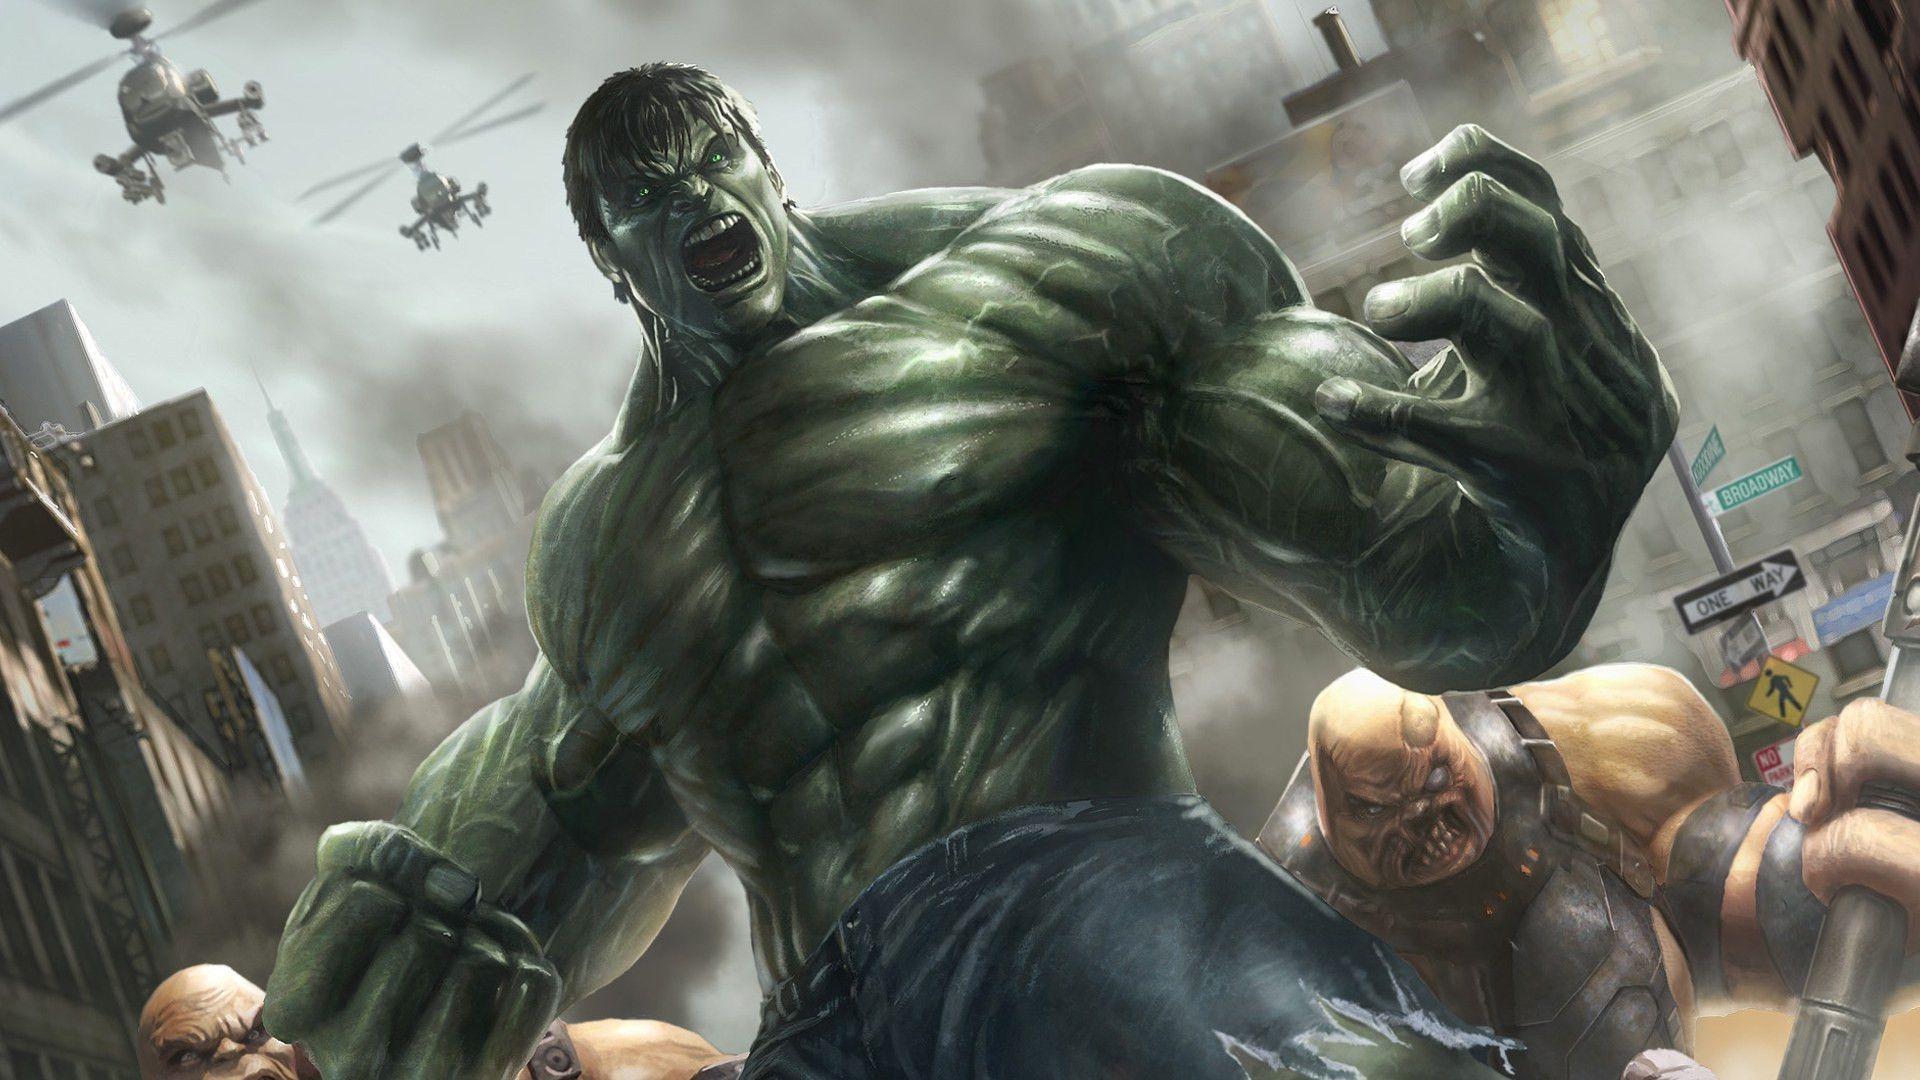 Amazing Hulk Game Wallpaper